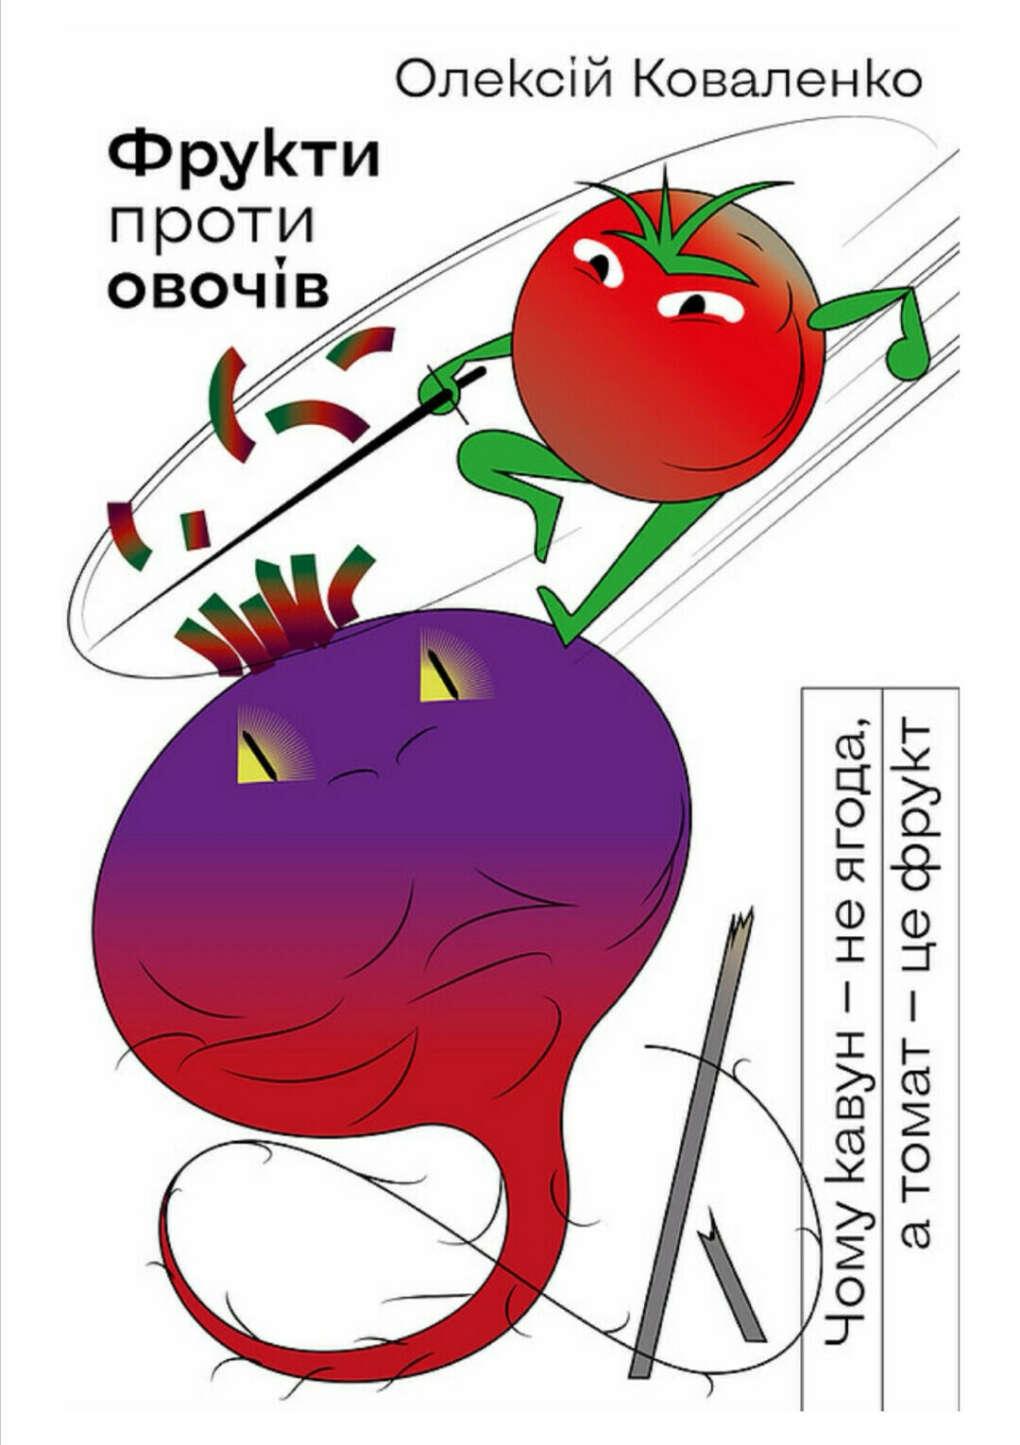 Фрукти проти овочів